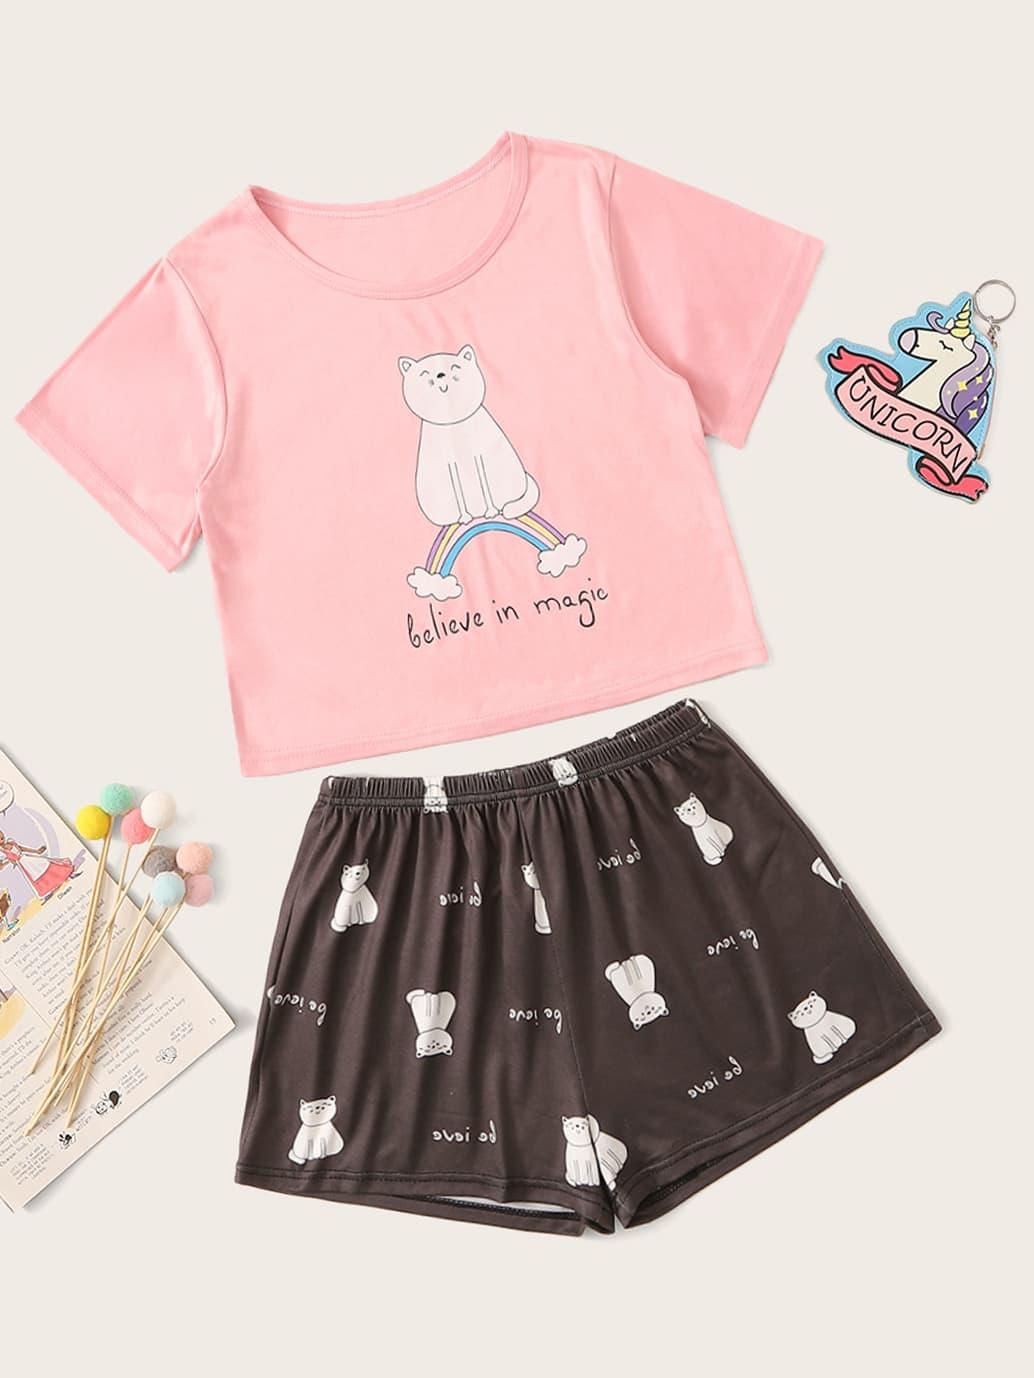 Фото - Пижама с текстовым и графическим принтом для девочек от SheIn цвет многоцветный